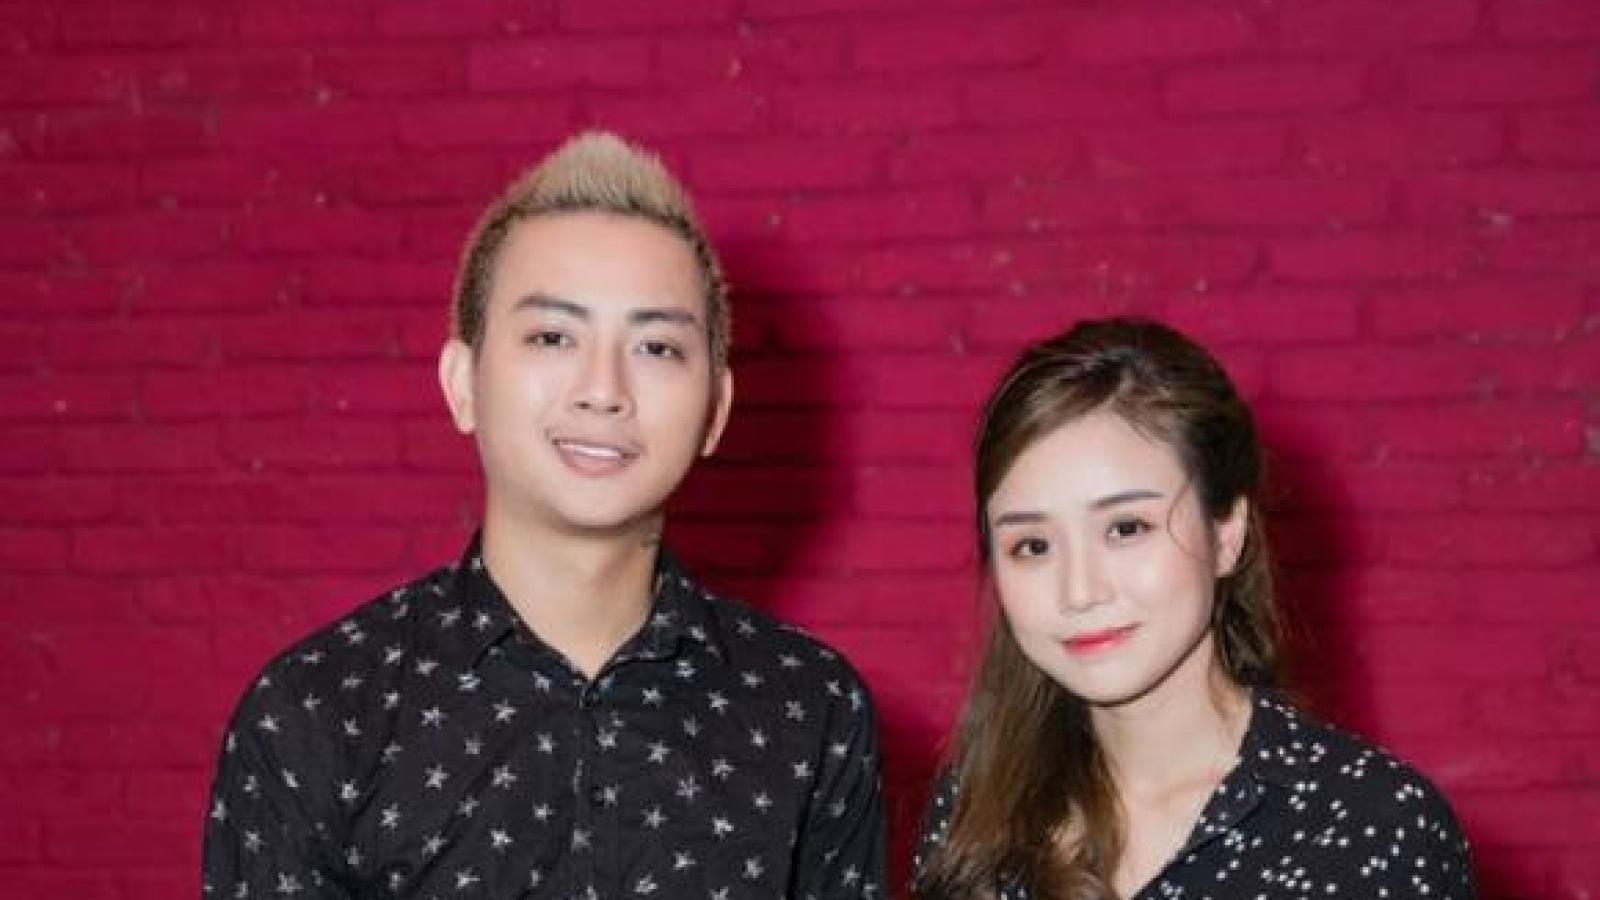 Chuyện showbiz: Hoài Lâm phản ứng khi bị kéo vào chuyện vợ cũ có tình mới